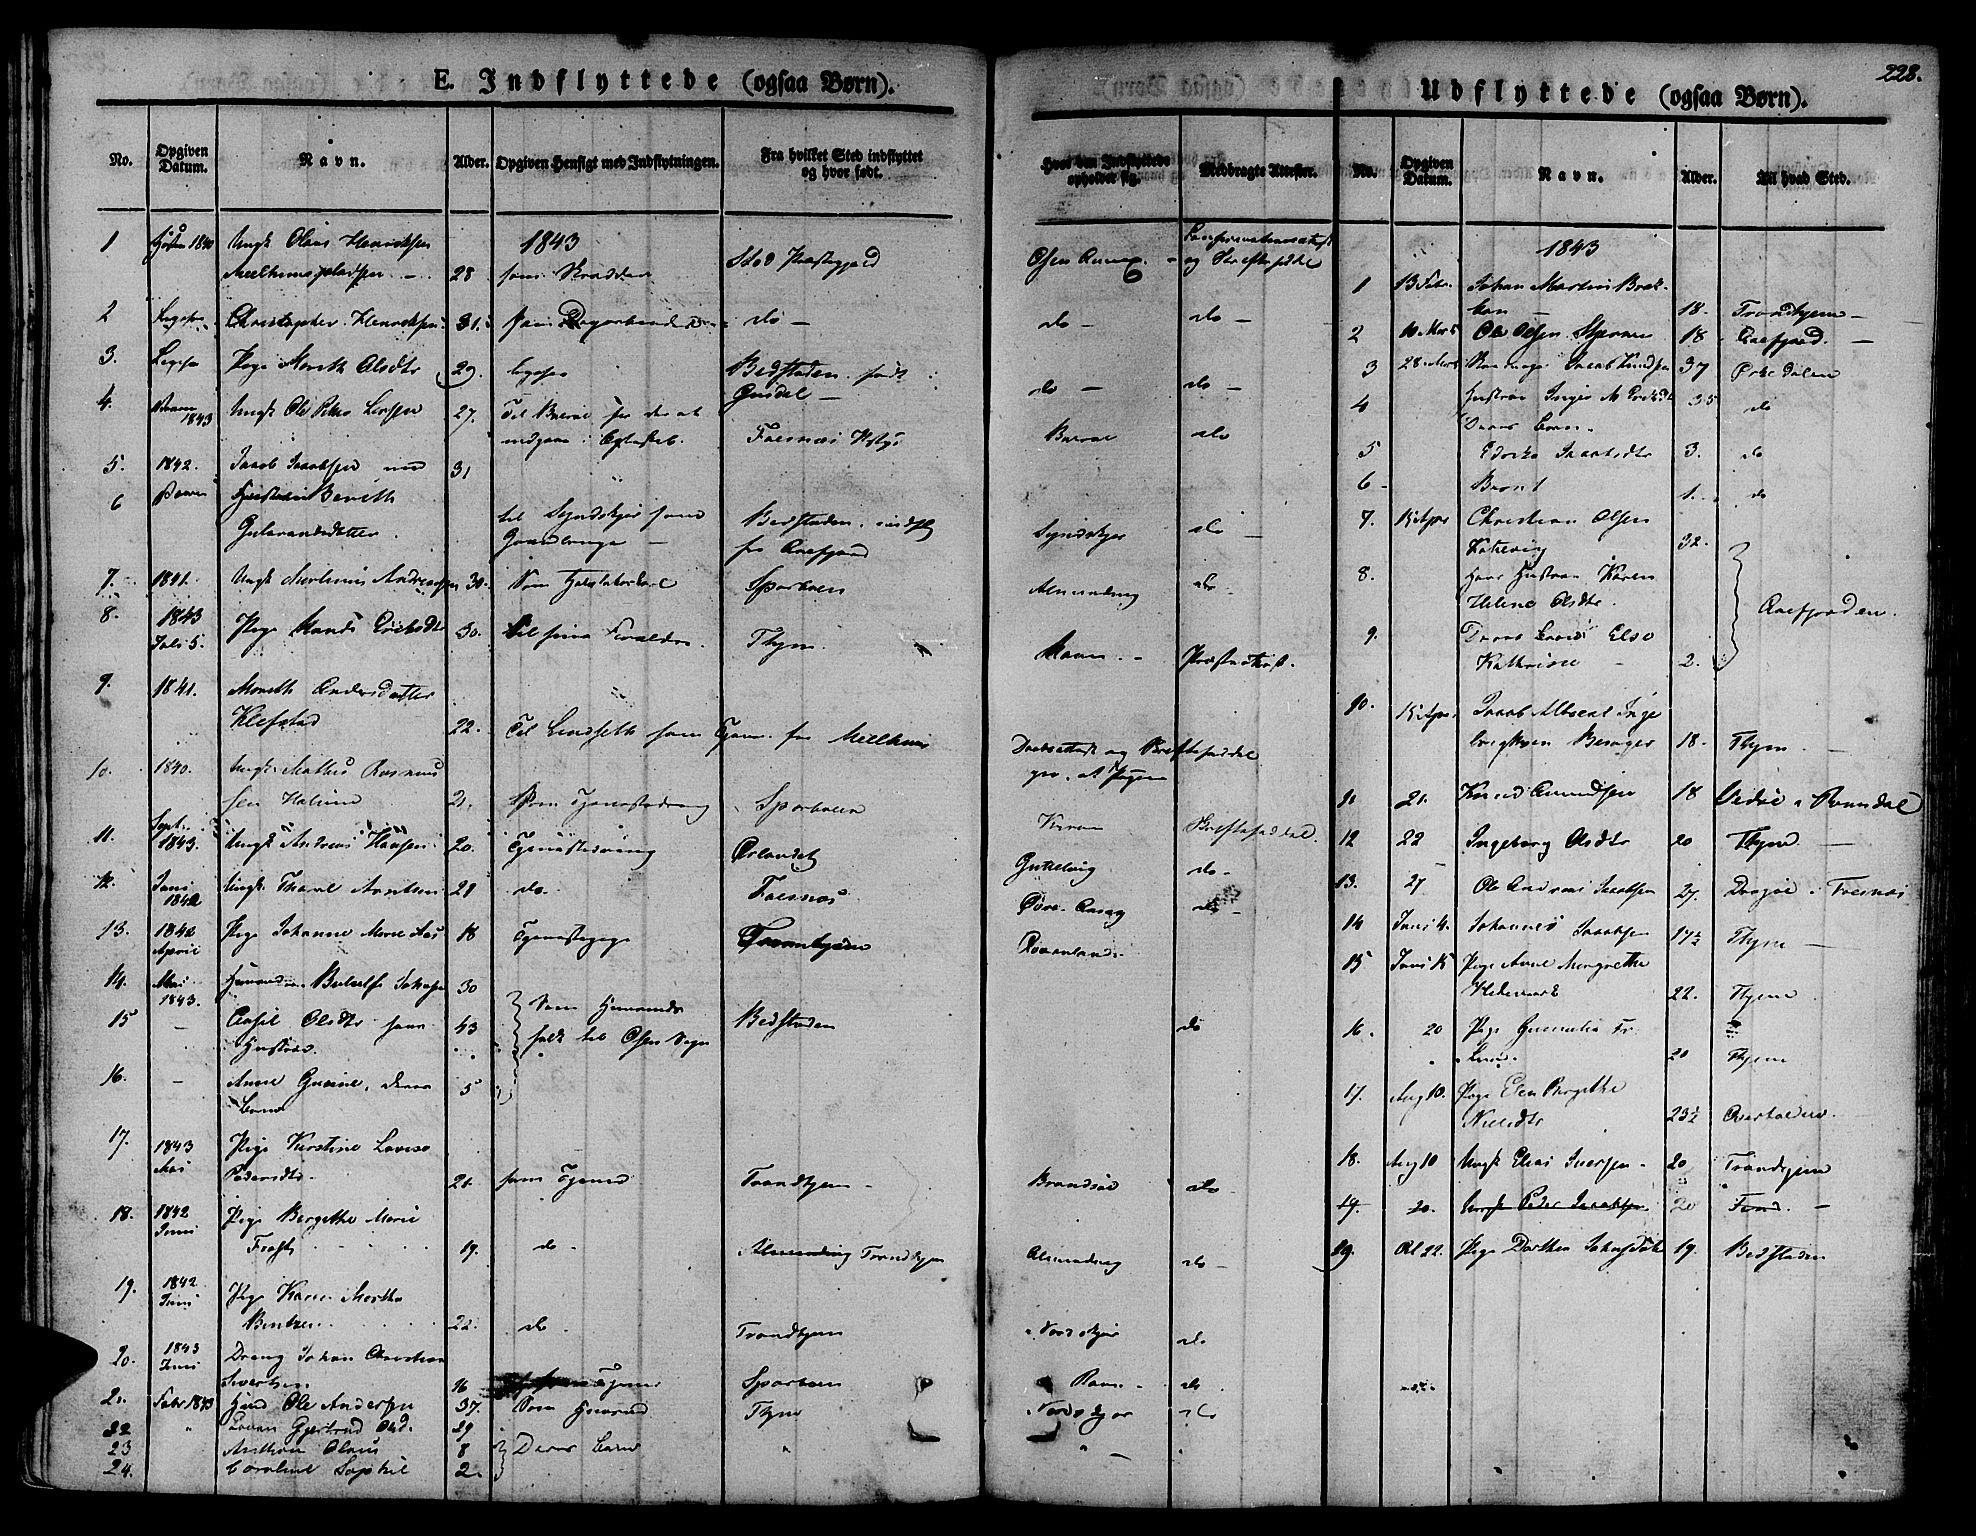 SAT, Ministerialprotokoller, klokkerbøker og fødselsregistre - Sør-Trøndelag, 657/L0703: Ministerialbok nr. 657A04, 1831-1846, s. 228